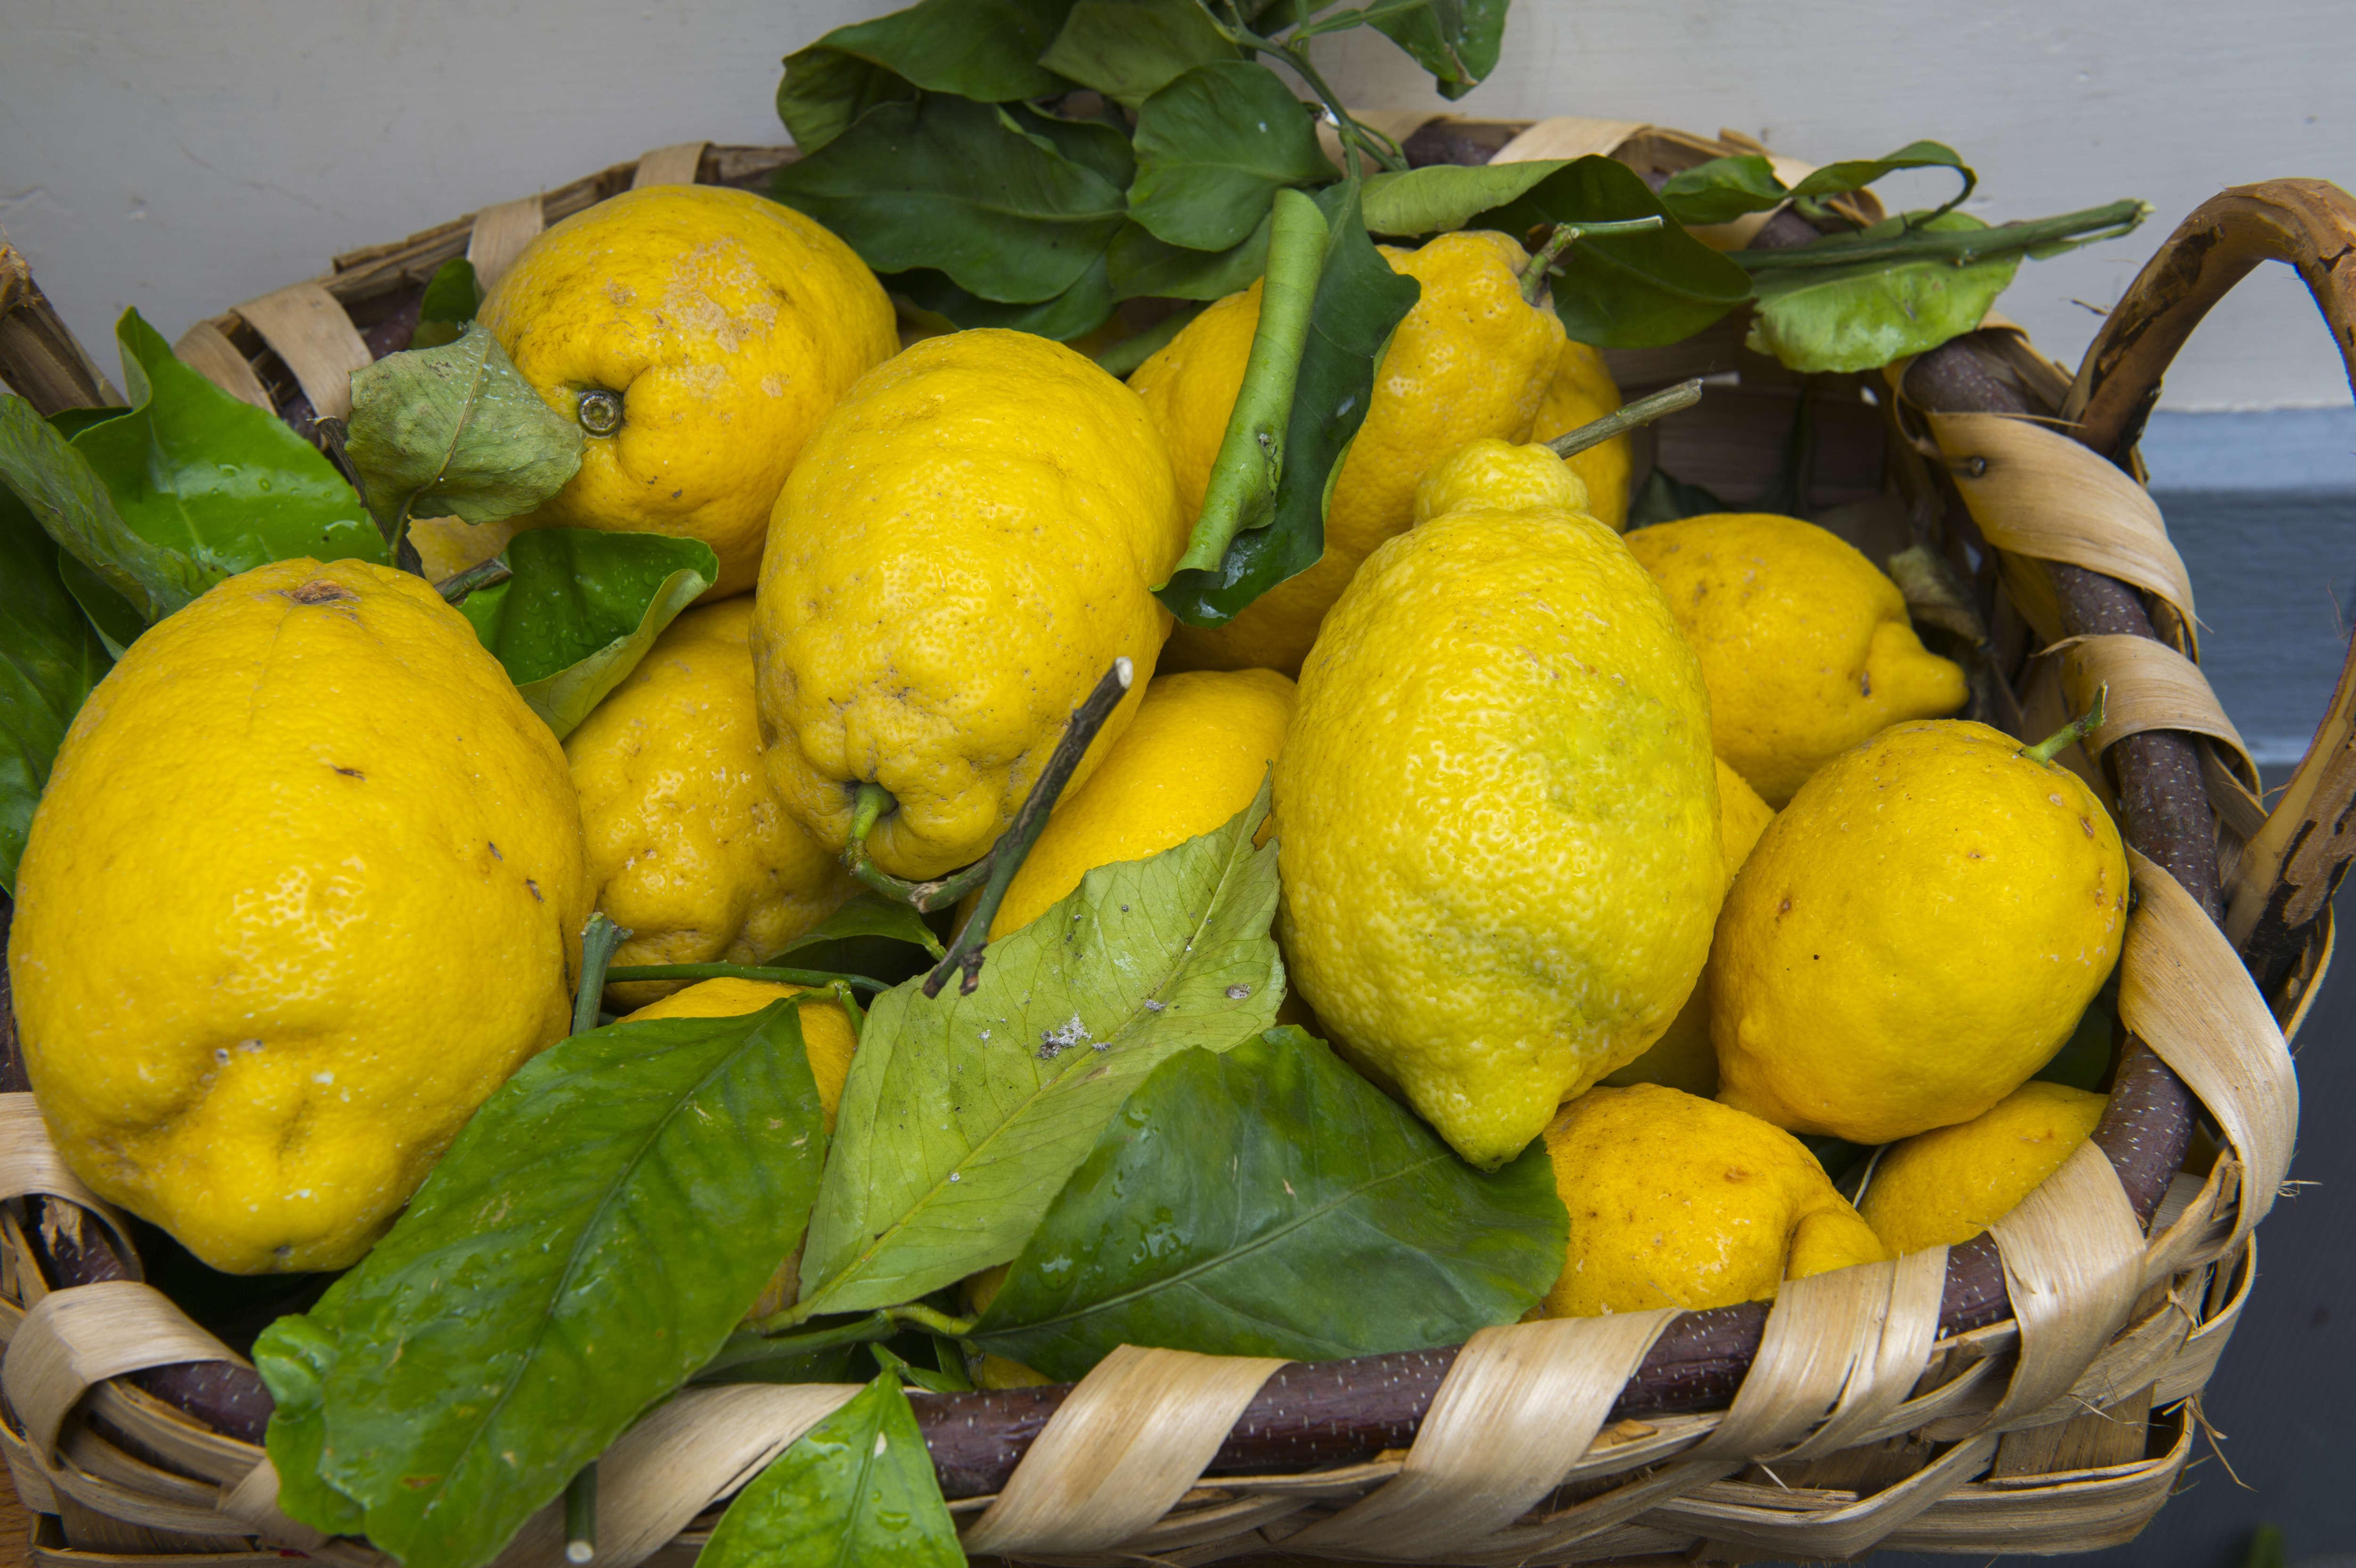 Elképesztő, de igaz: citrommal is lehet tüzet gyújtani